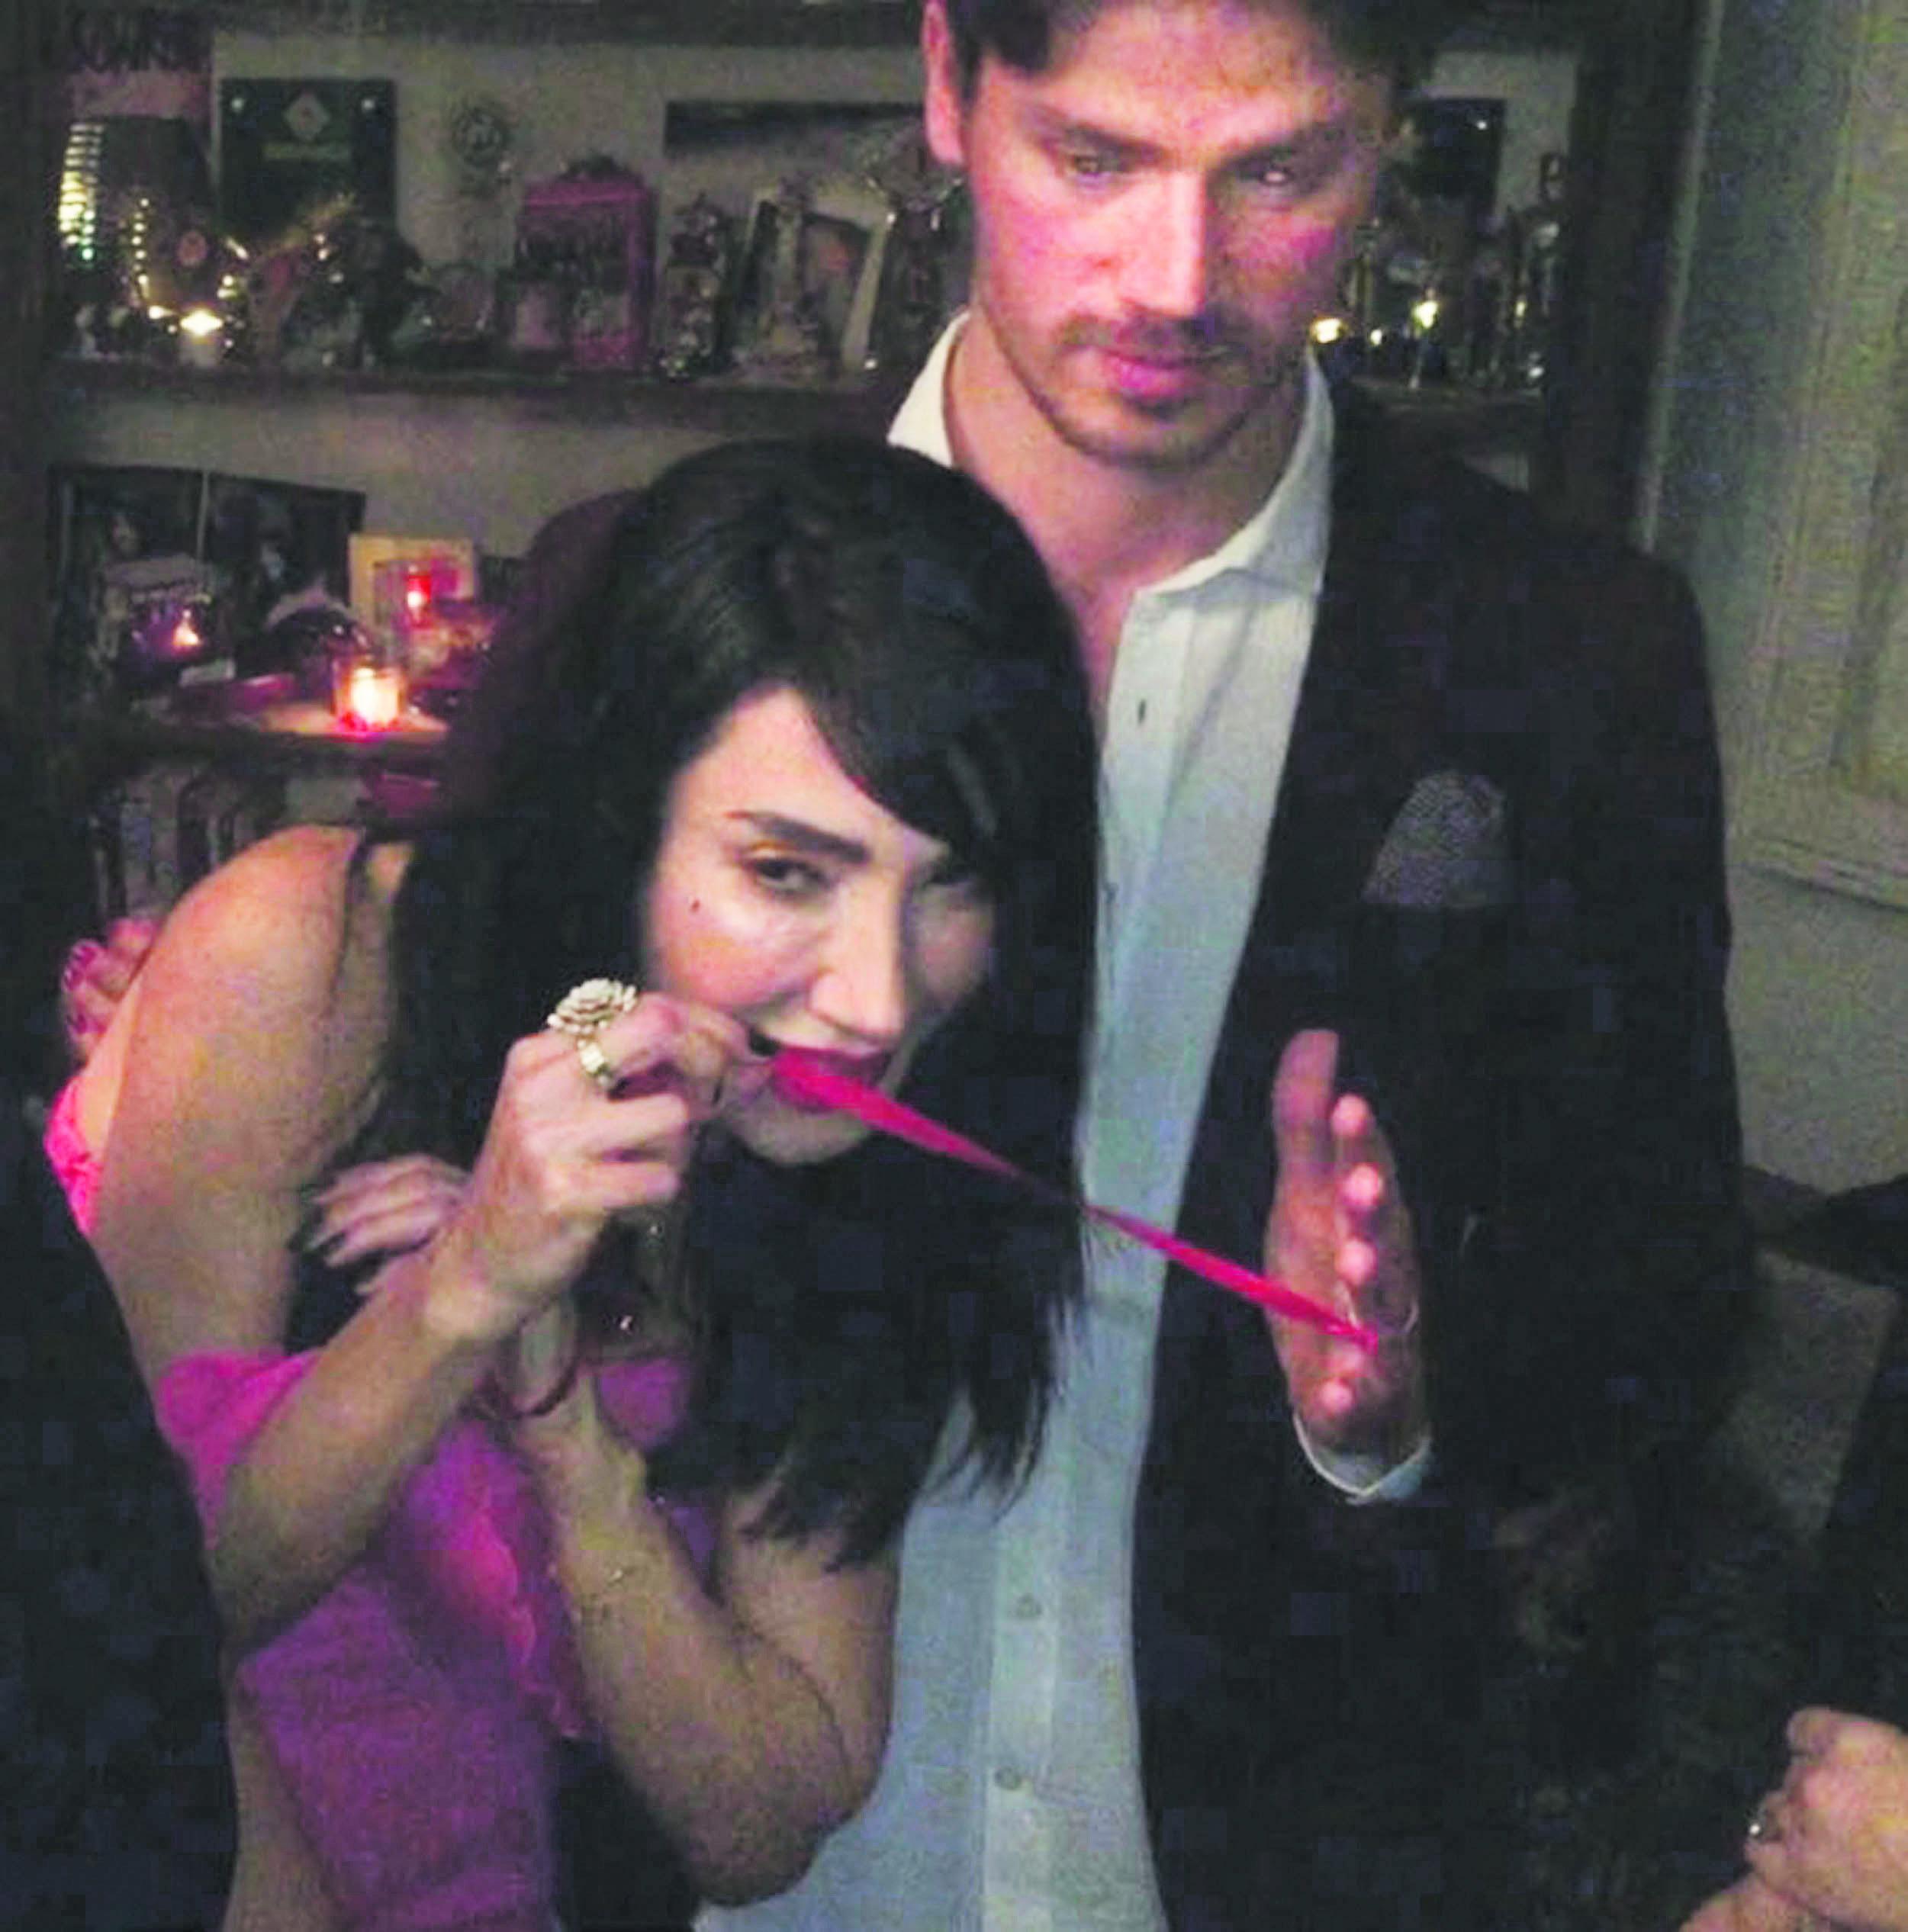 İşte Hande Yener ile Ümit Cem Şenol'un mutlu gününden kareler